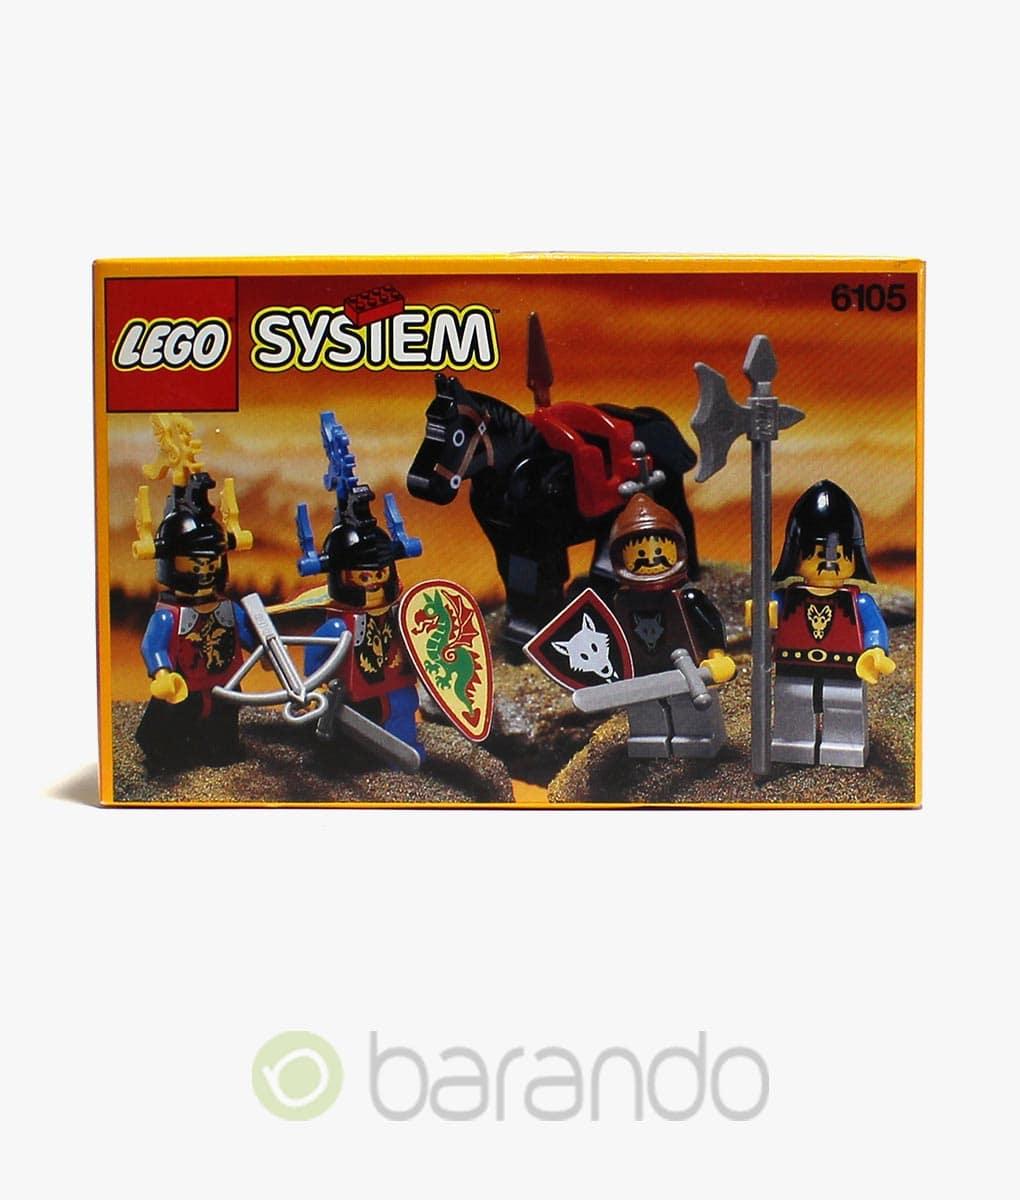 LEGO Castle 6105 Mittelalterliche Ritter Set kaufen